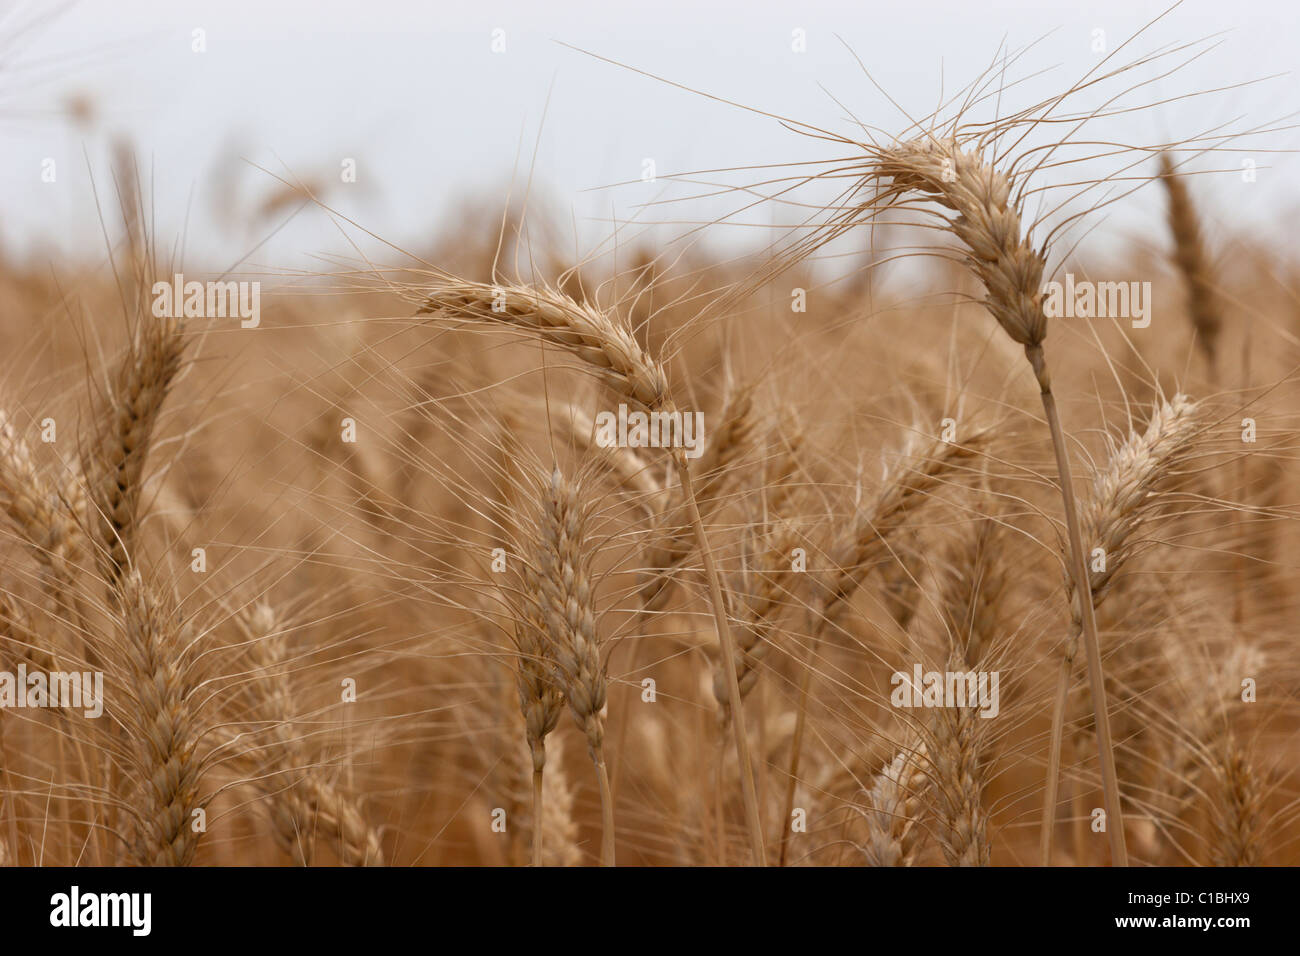 Cebada cereal de trigo la cosecha de cultivos agrícolas de campo de alimentos de oro Imagen De Stock